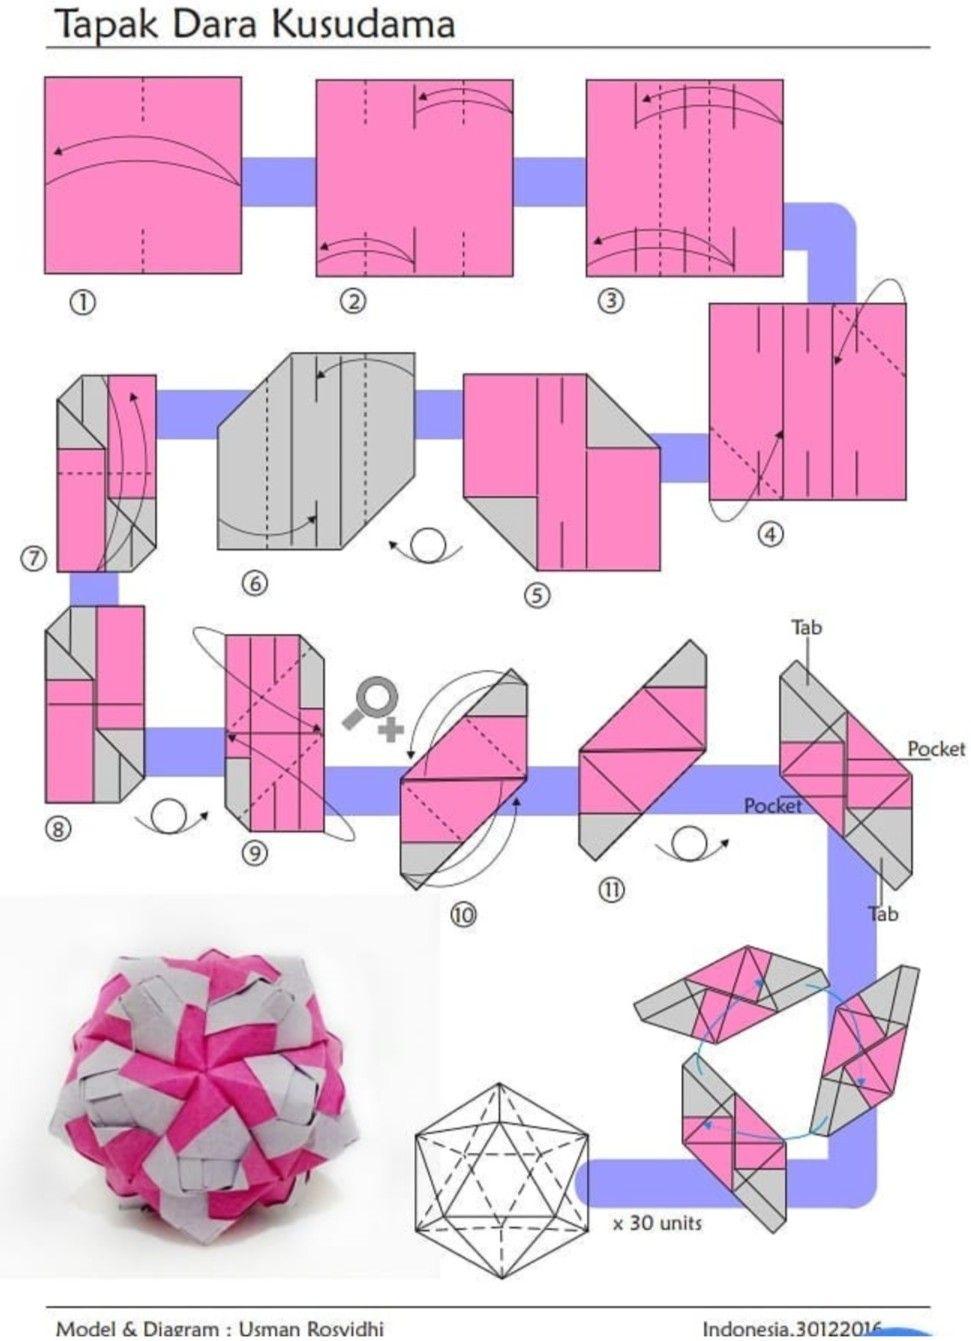 Pin Van Irene Boxstart Op Origami Kusudama Pinterest Diagrams Modulaire 3d Wiskunde Kunst Ballen Creativiteit Filigraan Ornamenten